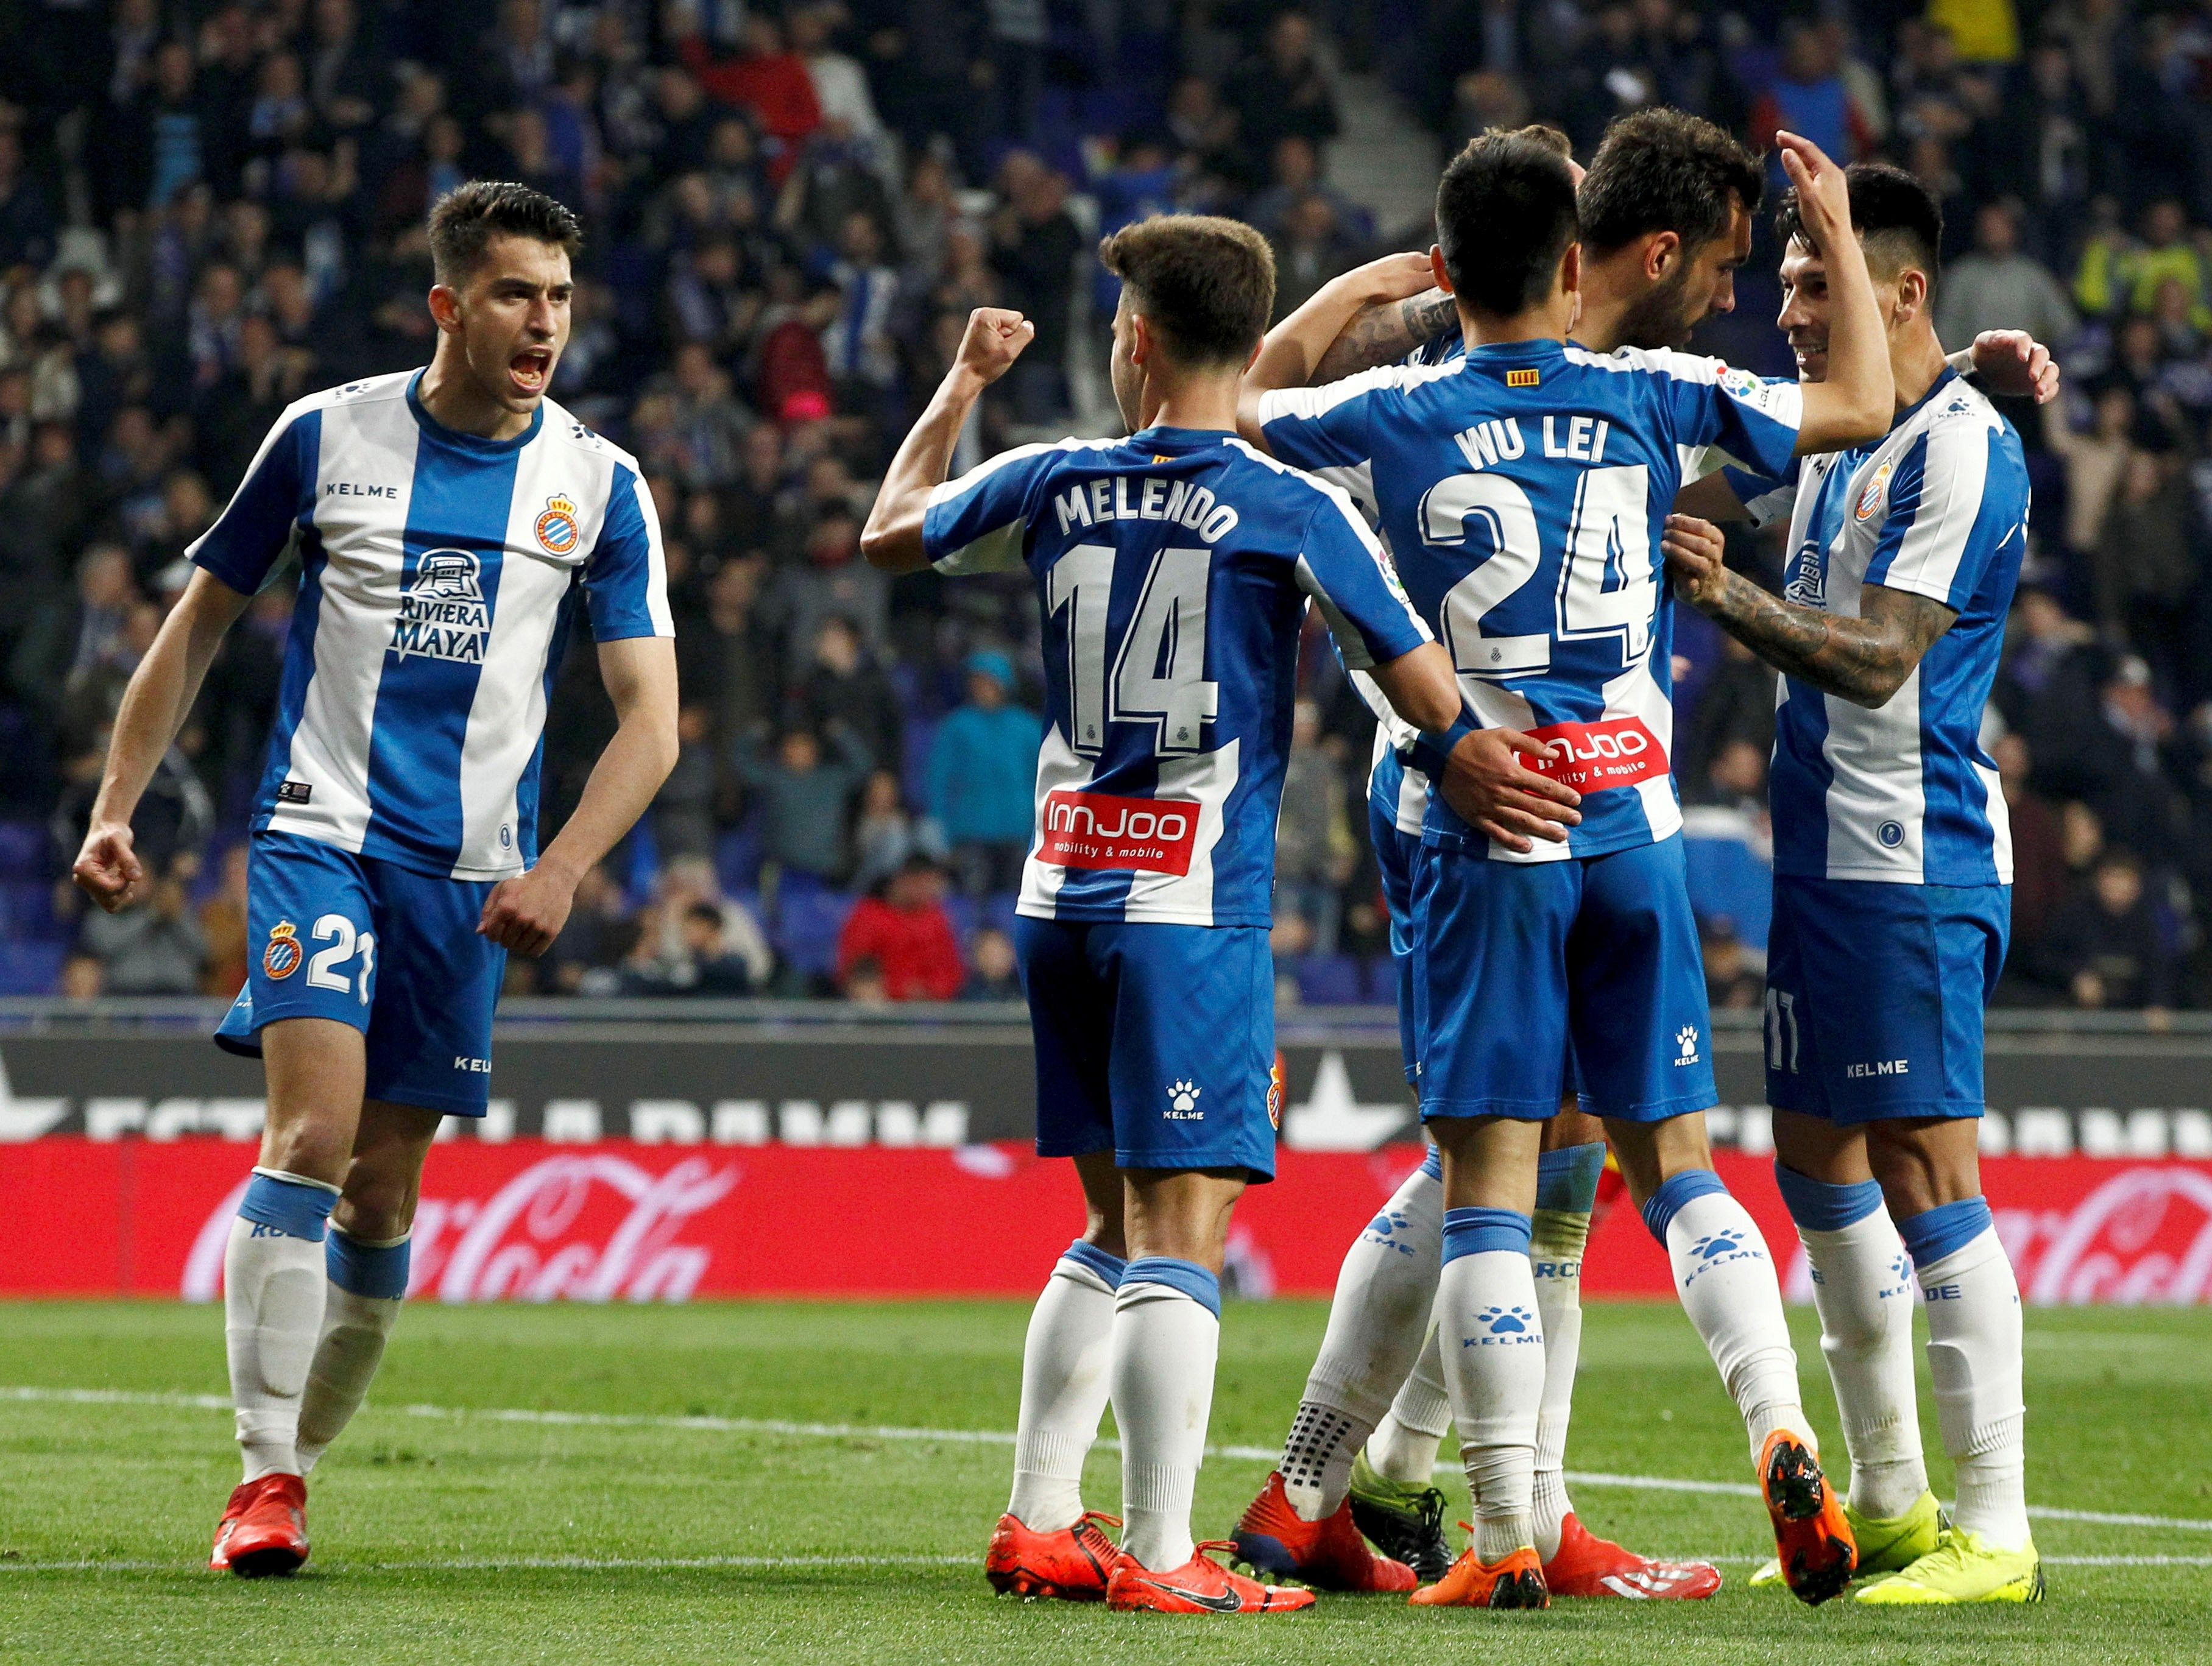 Borja Iglesias Wu Lei Melendo Marc Roca Espanyol Getafe EFE